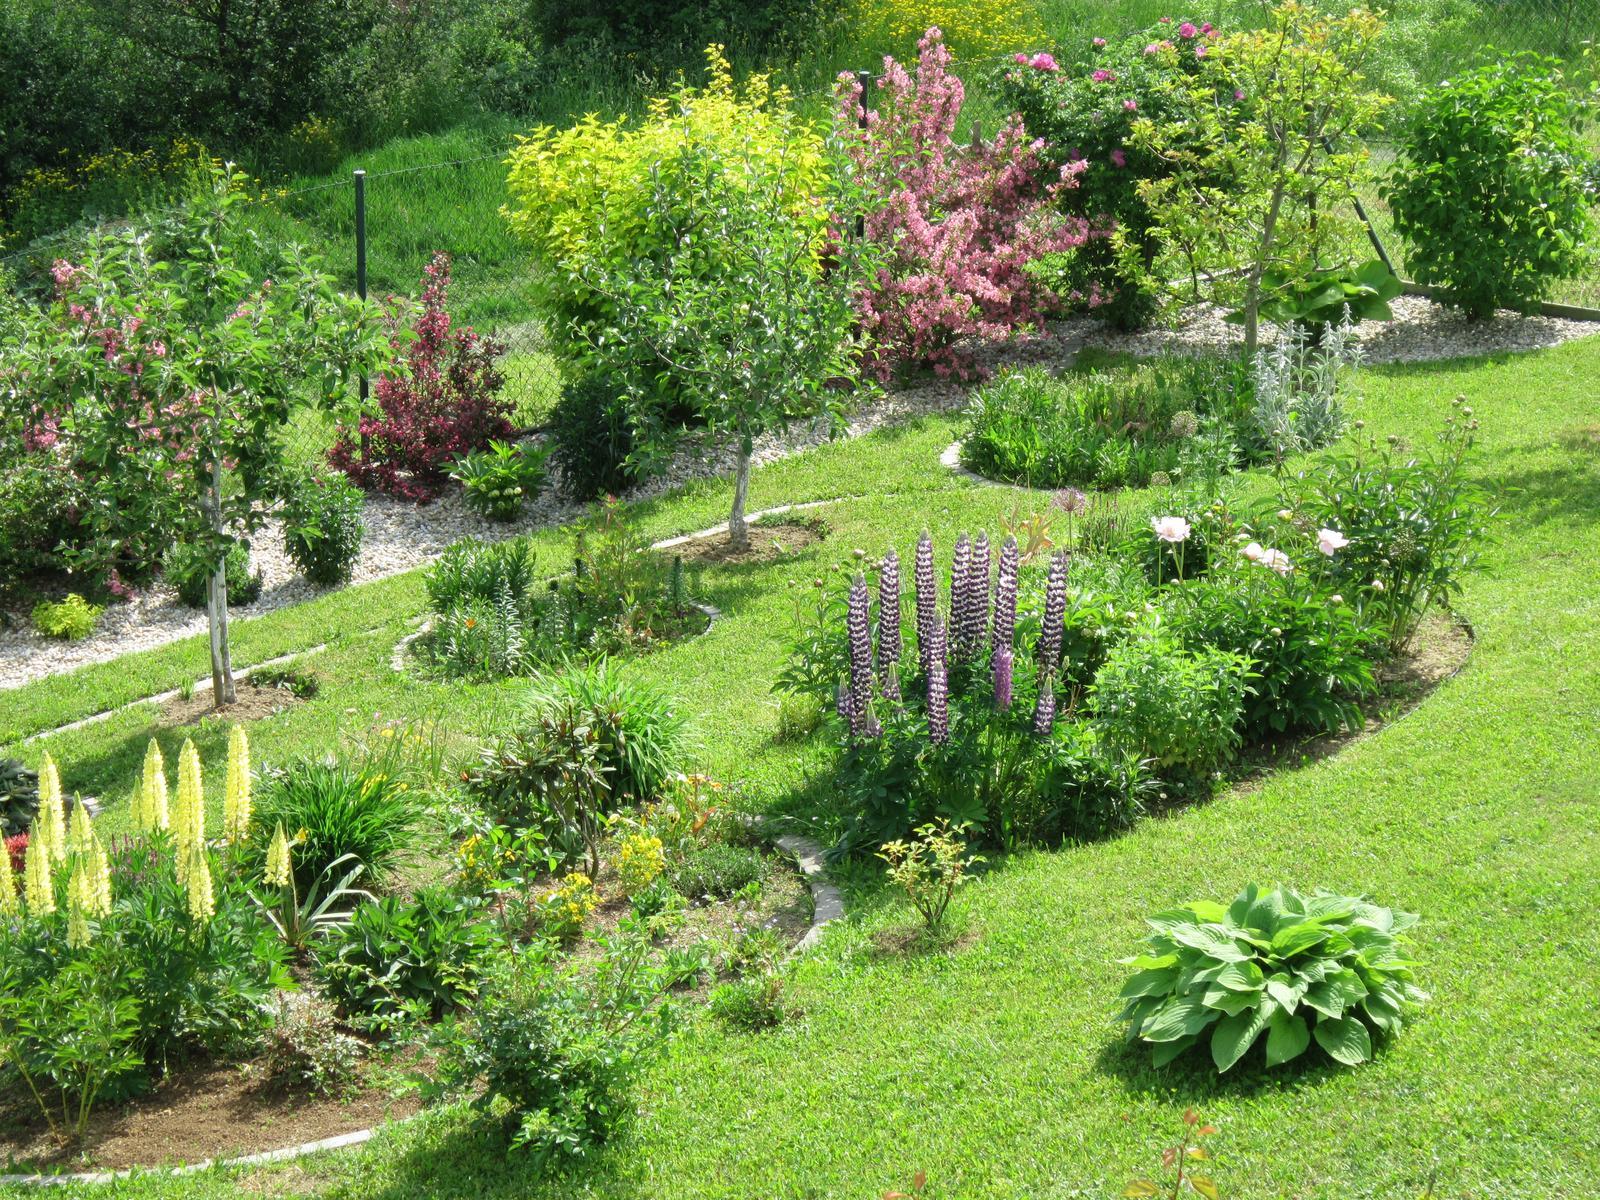 Pozvanie do našej jarnej záhrady - Obrázok č. 41